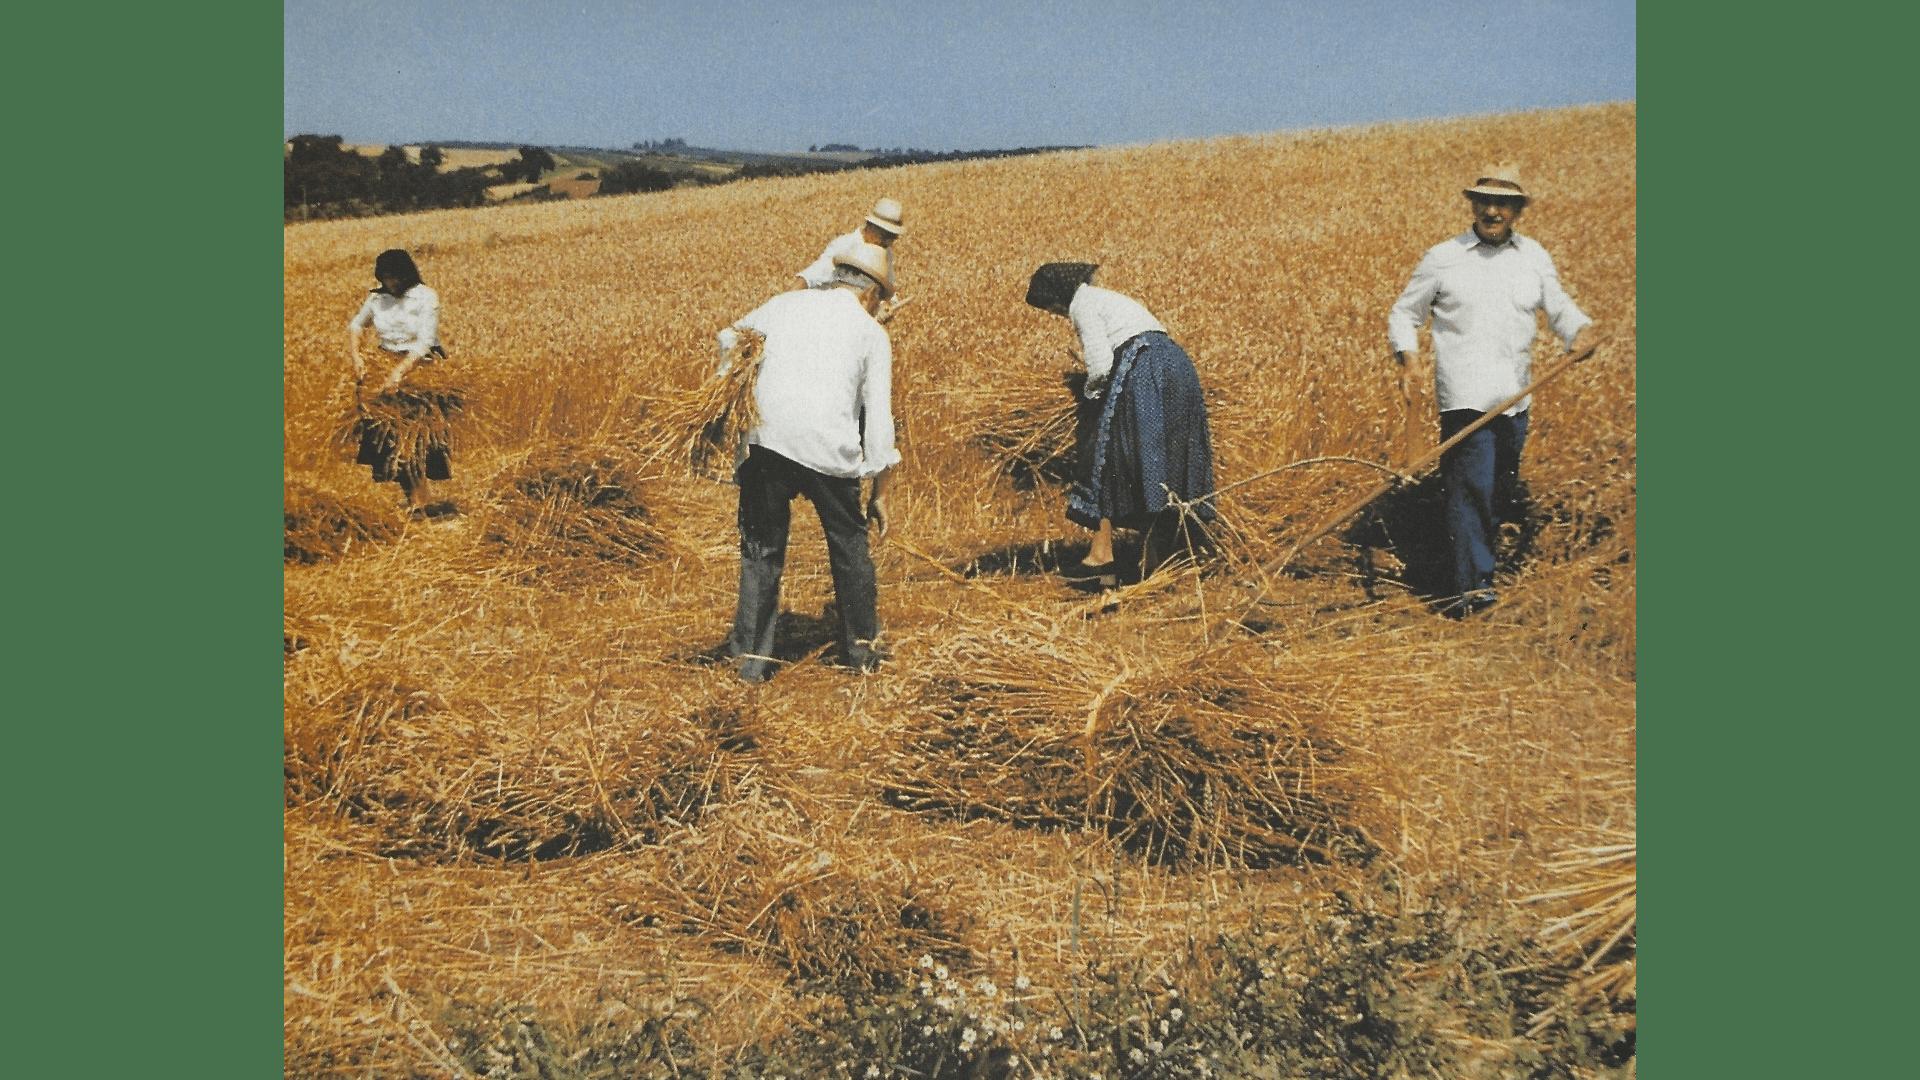 Schnitt (Erntezeit) 1992 nachgestellt in Originalkleidung – Unvergessen ist die Zeit der Ernte auf den unendlich scheinenden Fluren. Foto: Archiv Freundeskreis Filipowa.